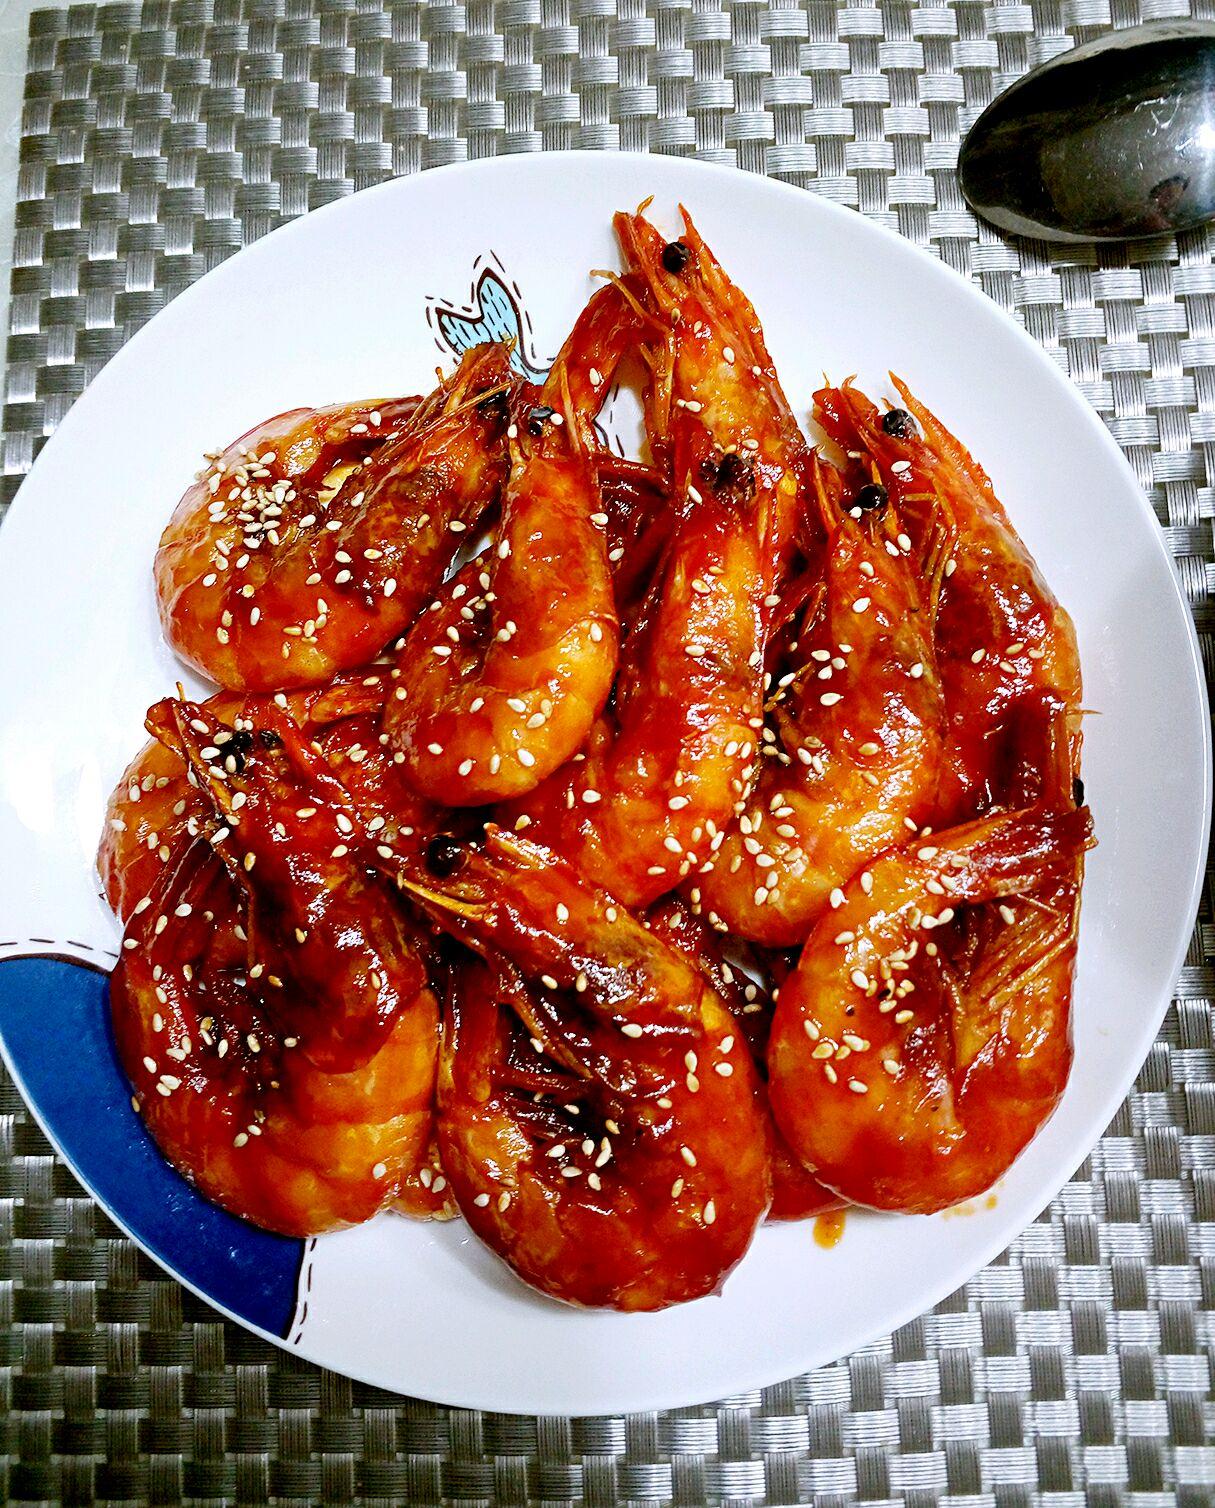 切墩(初级)   时间:10分钟左右       主料 大虾适量 番茄酱适量 糖图片